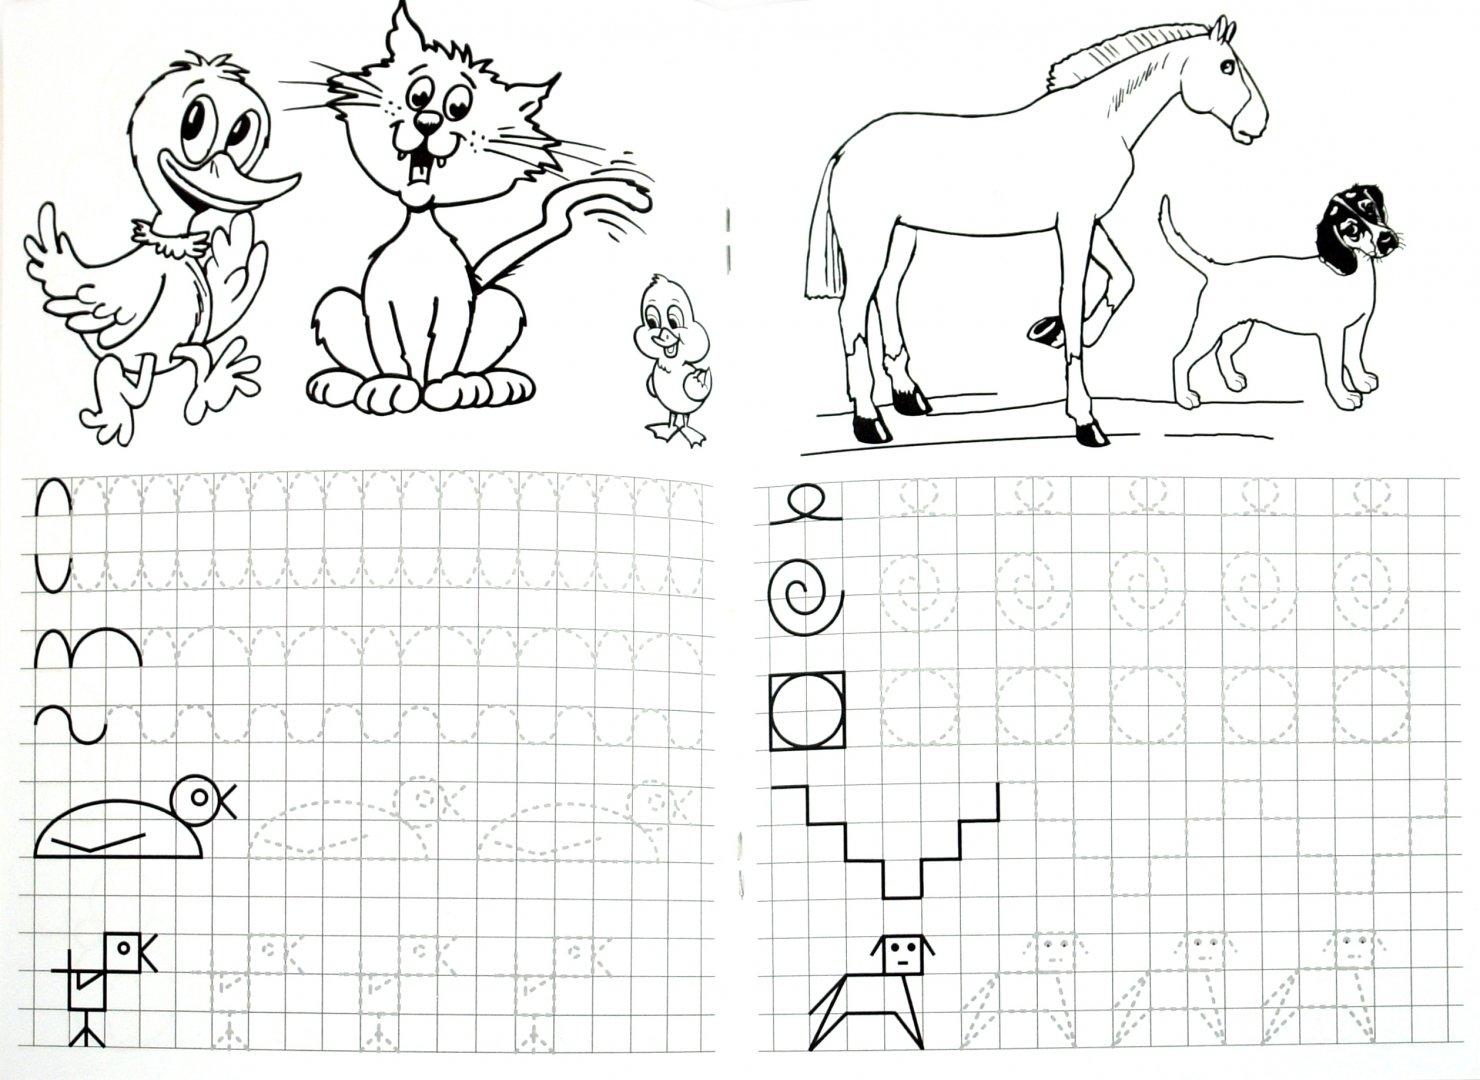 Иллюстрация 1 из 9 для Прописи. Начинаем писать по клеточкам - М. Гавриленко | Лабиринт - книги. Источник: Лабиринт